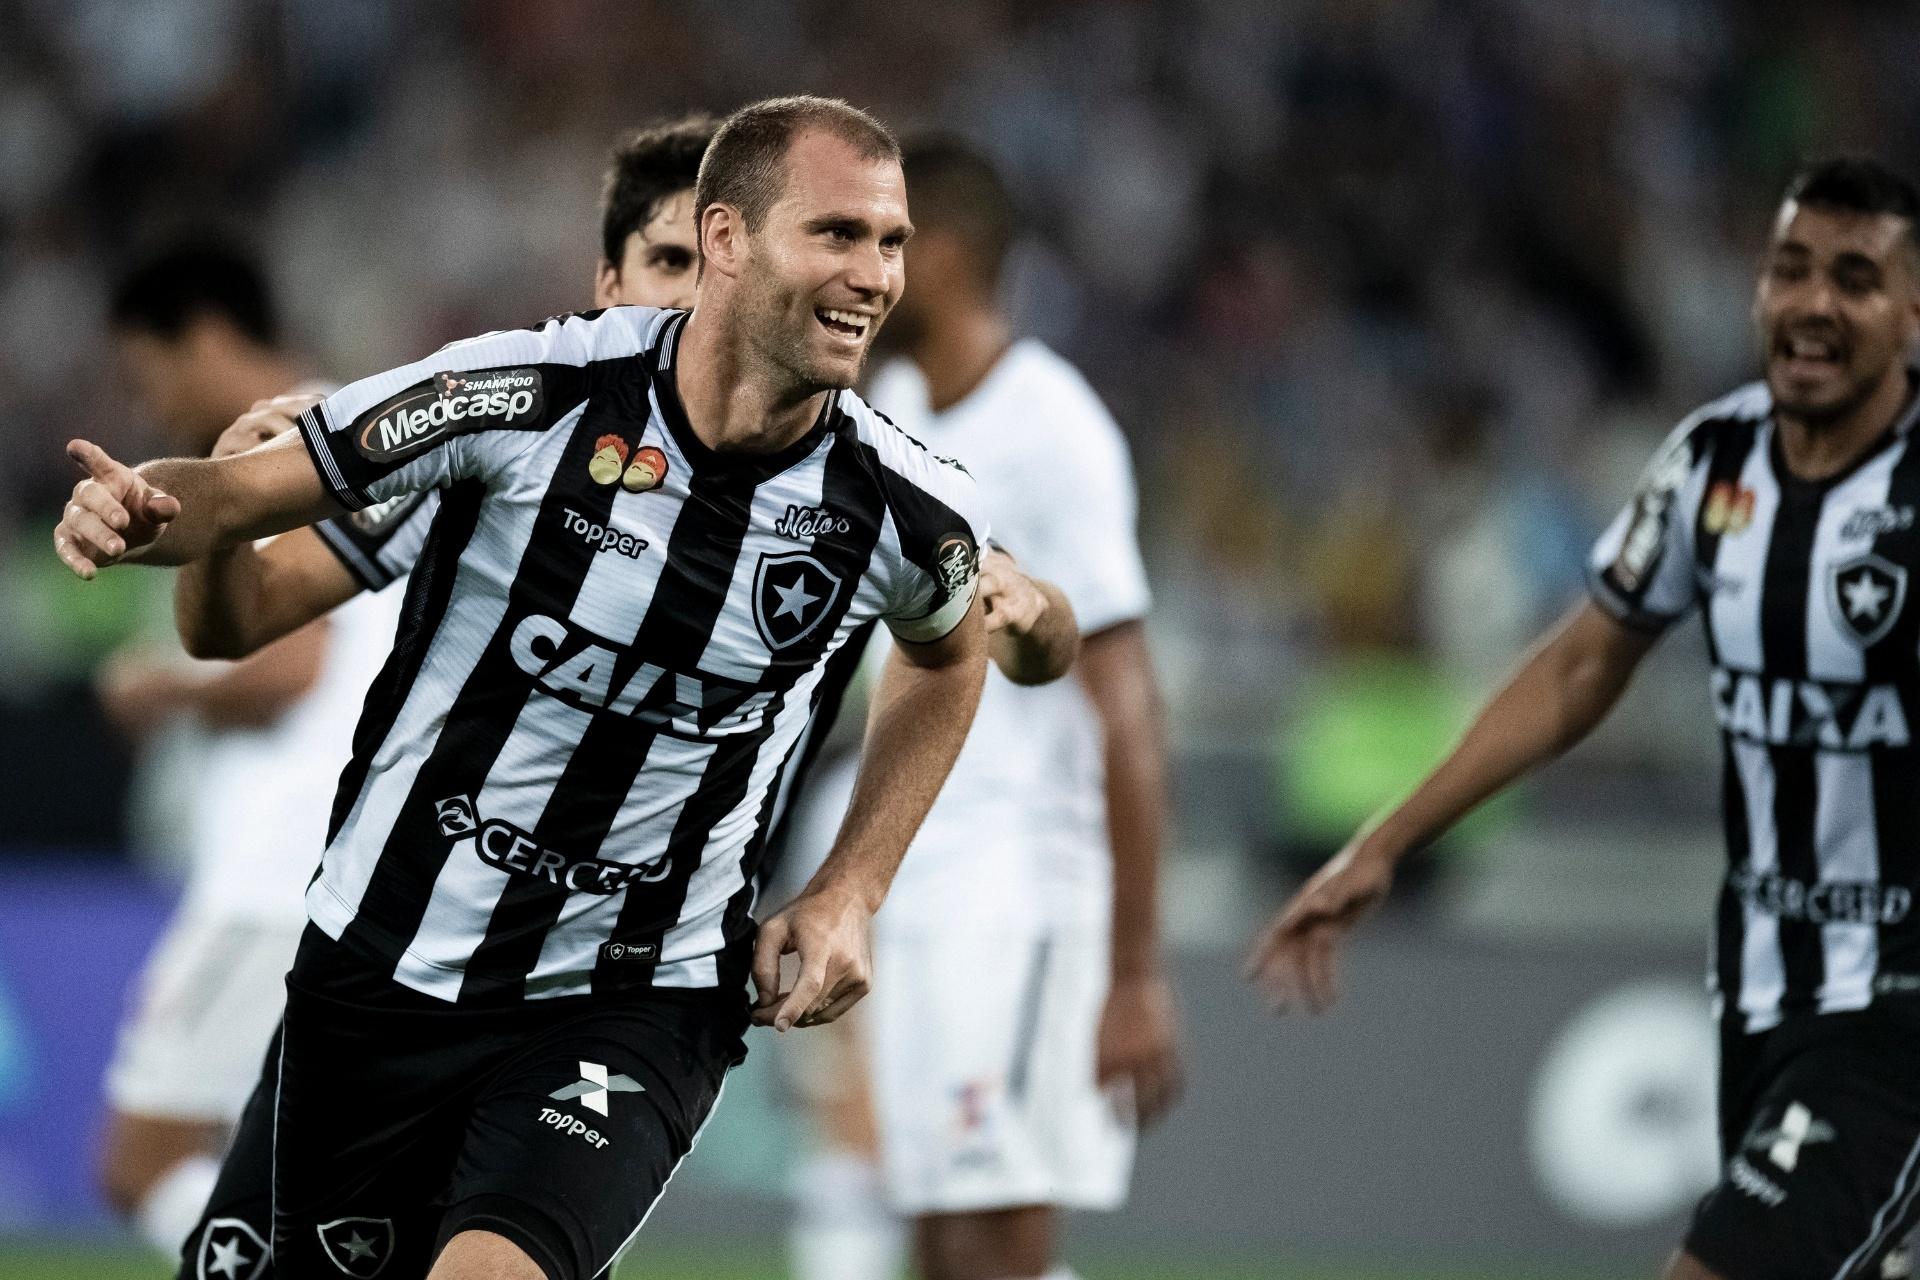 Botafogo pega Santos sem capitão Carli  veja provável escalação -  20 11 2018 - UOL Esporte b00d6c9e9d173